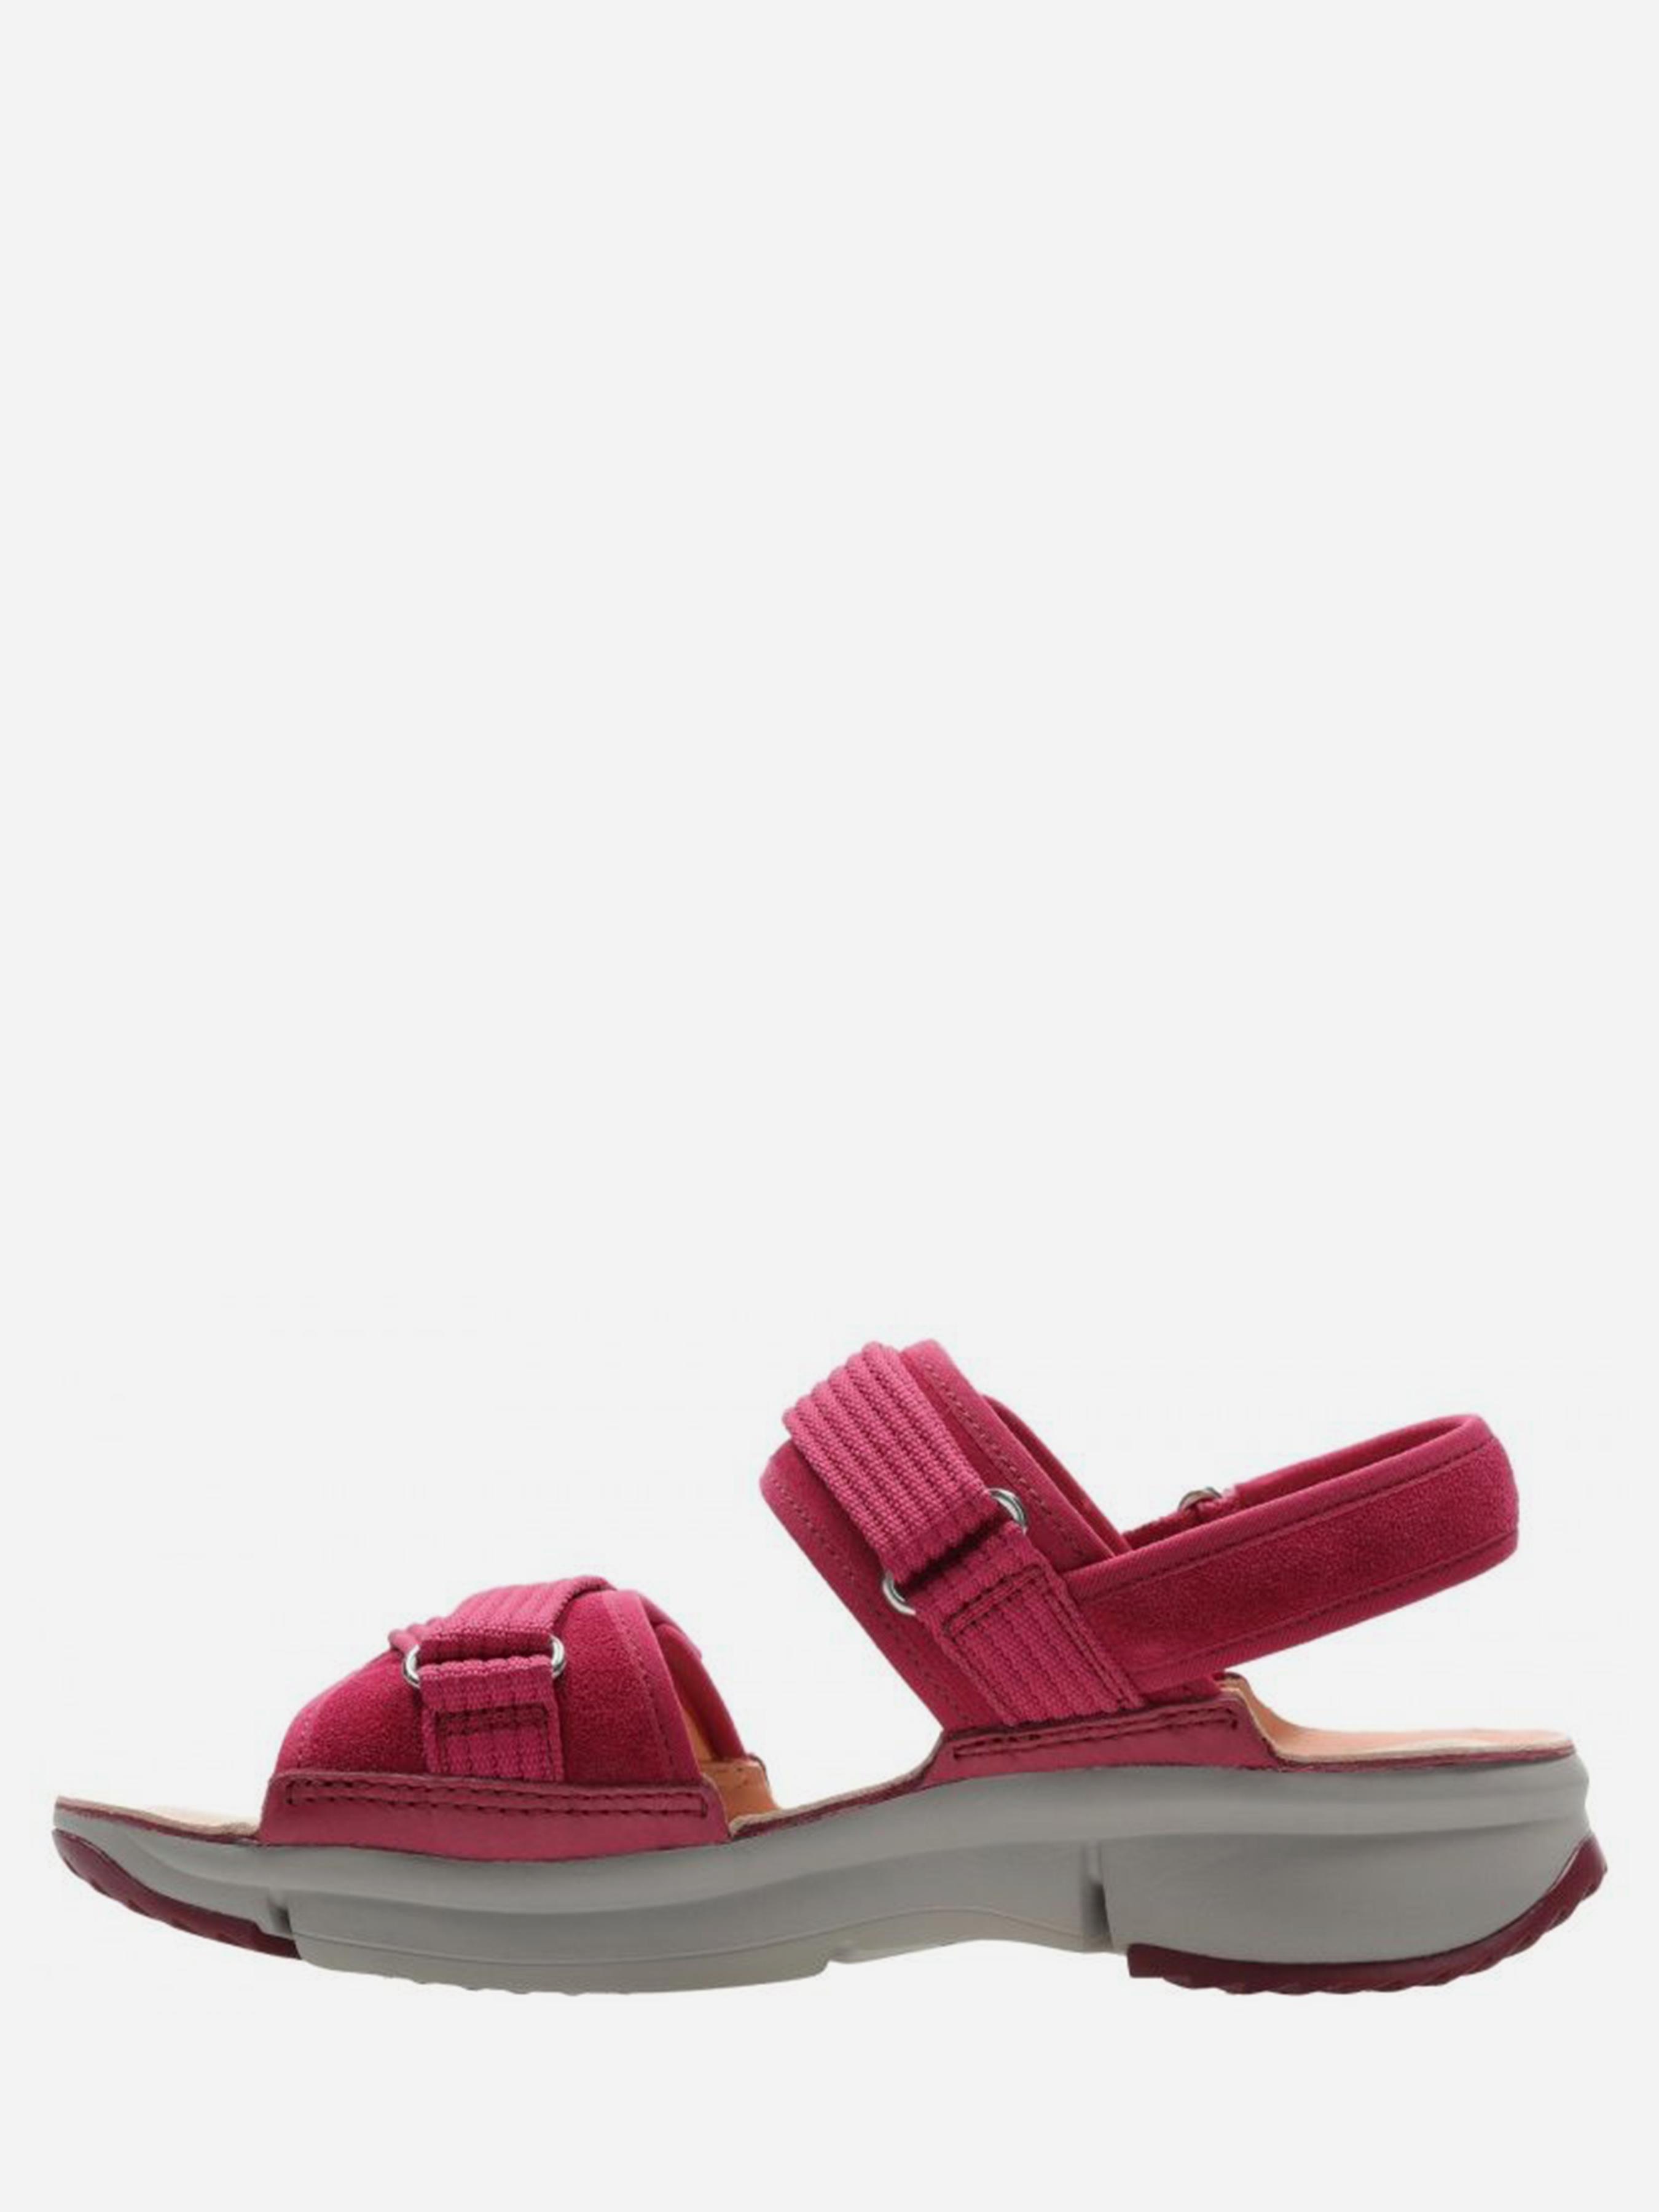 Сандалии женские Clarks Tri Walk OW4316 купить обувь, 2017